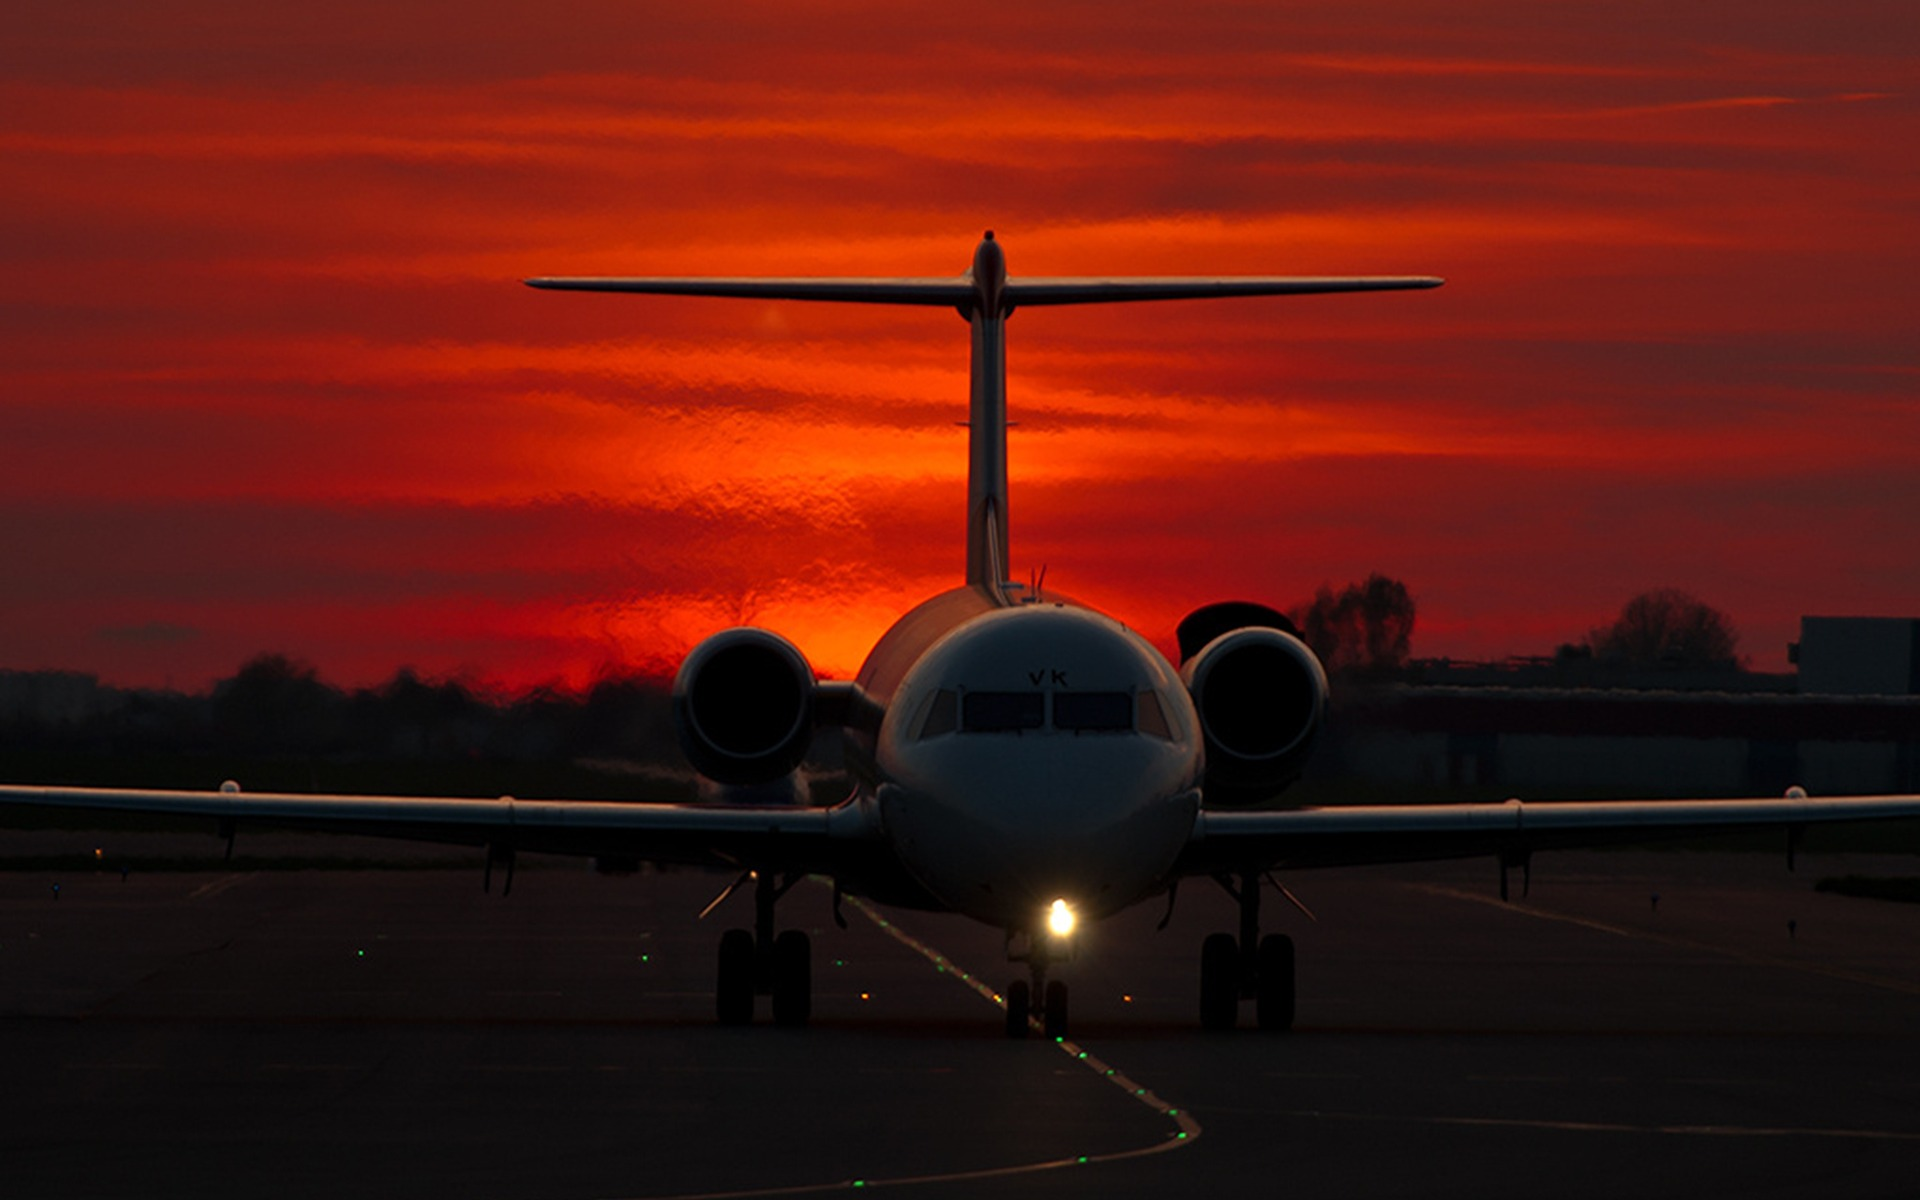 Aerolíneas venezolanas esperan reanudar operaciones el 13 de agosto